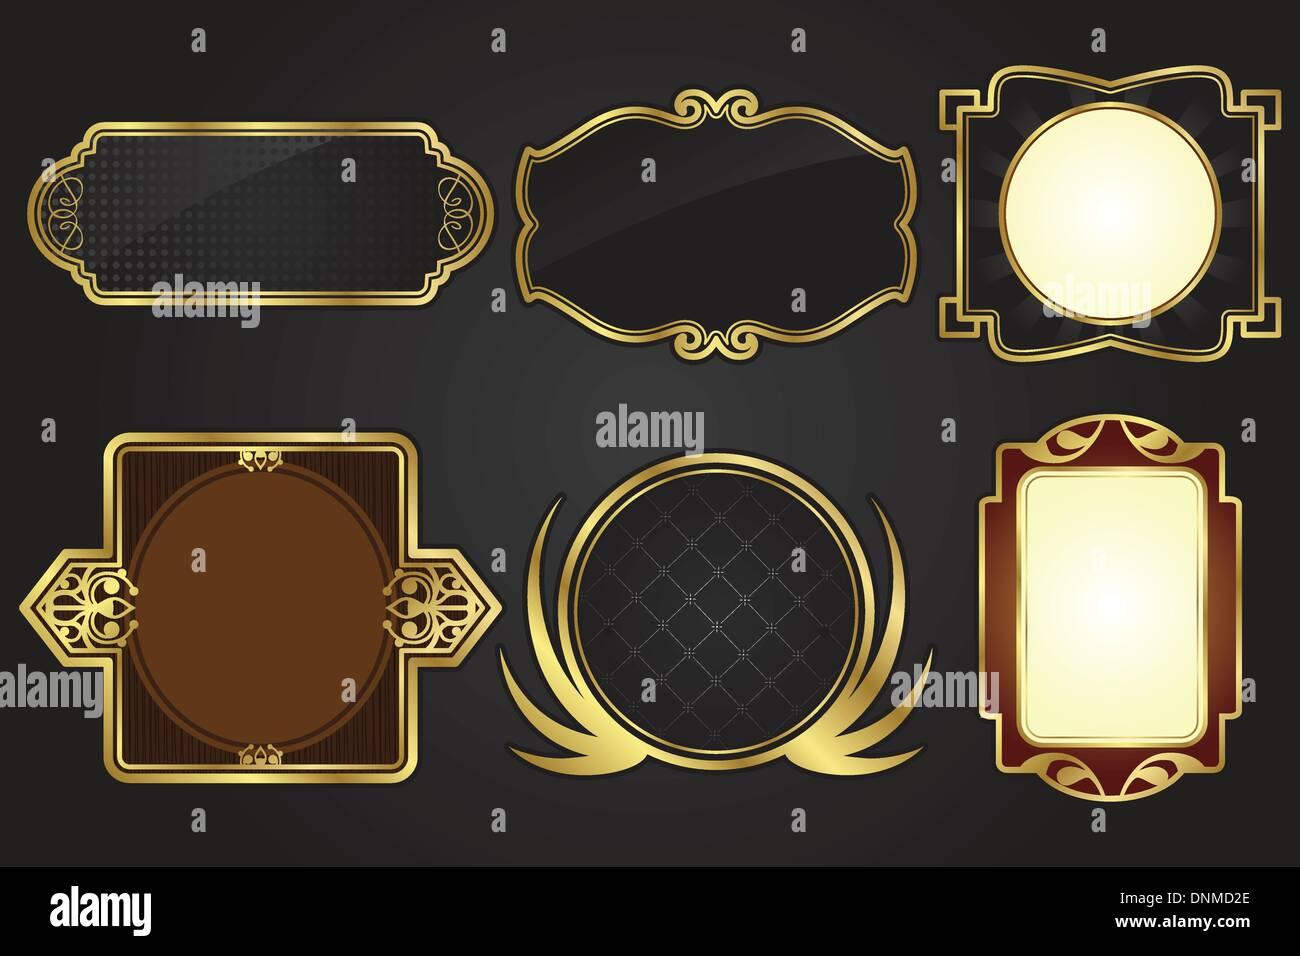 Eine Vektor-Illustration aus einem Satz von Schwarz und gold Rahmen ...